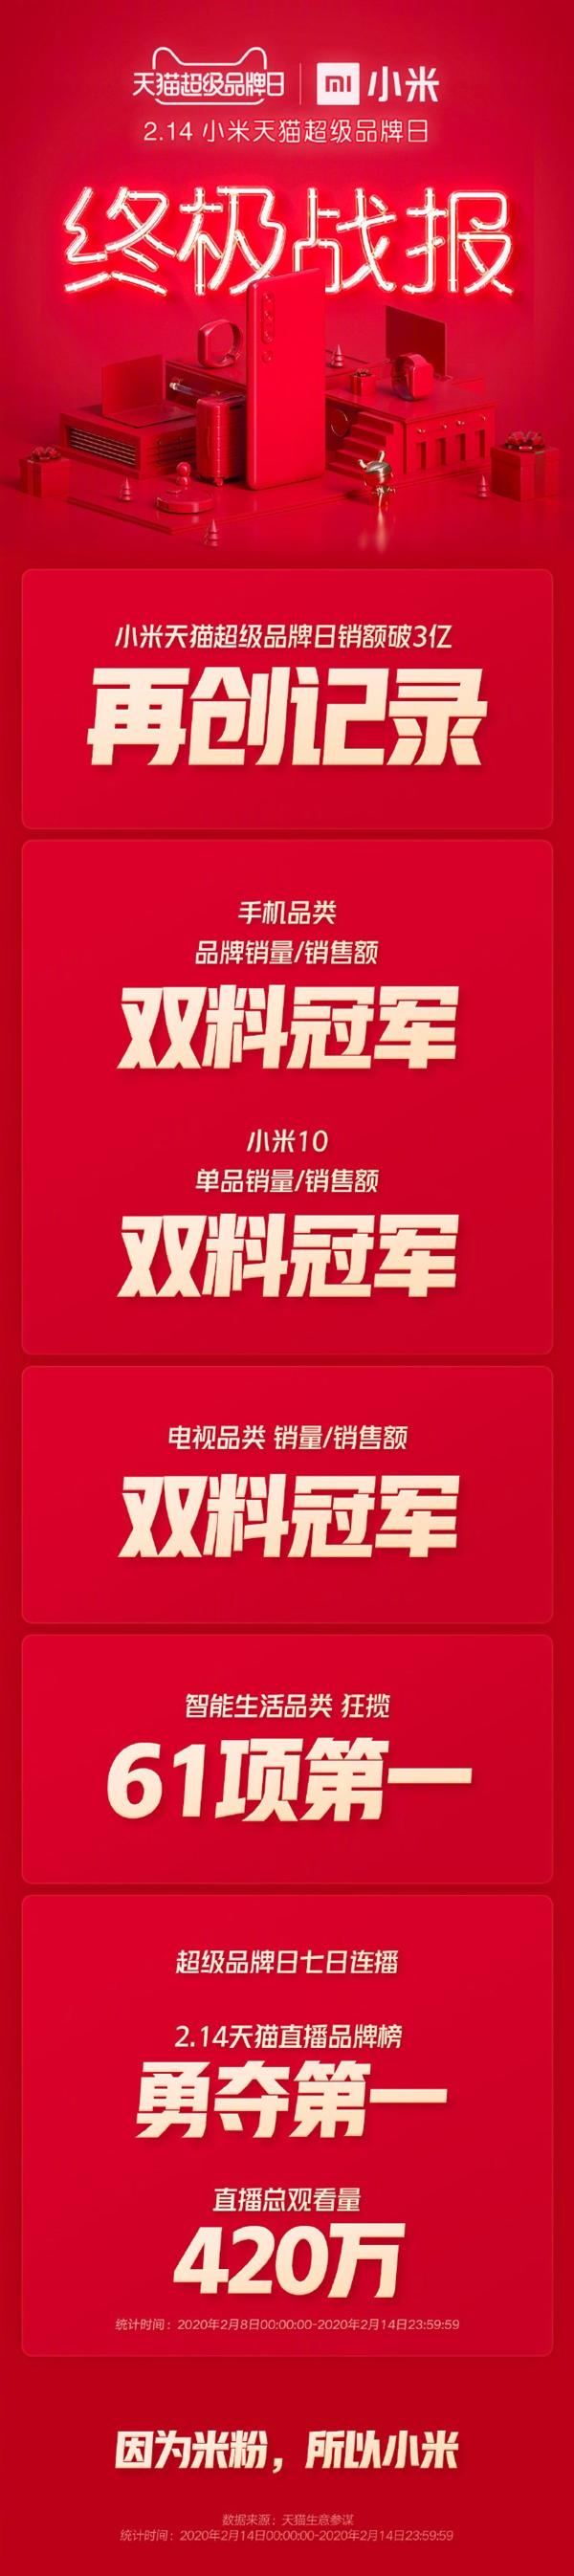 小米天猫超级品牌日终极战报:狂揽61项第一 销售额卖3亿元!